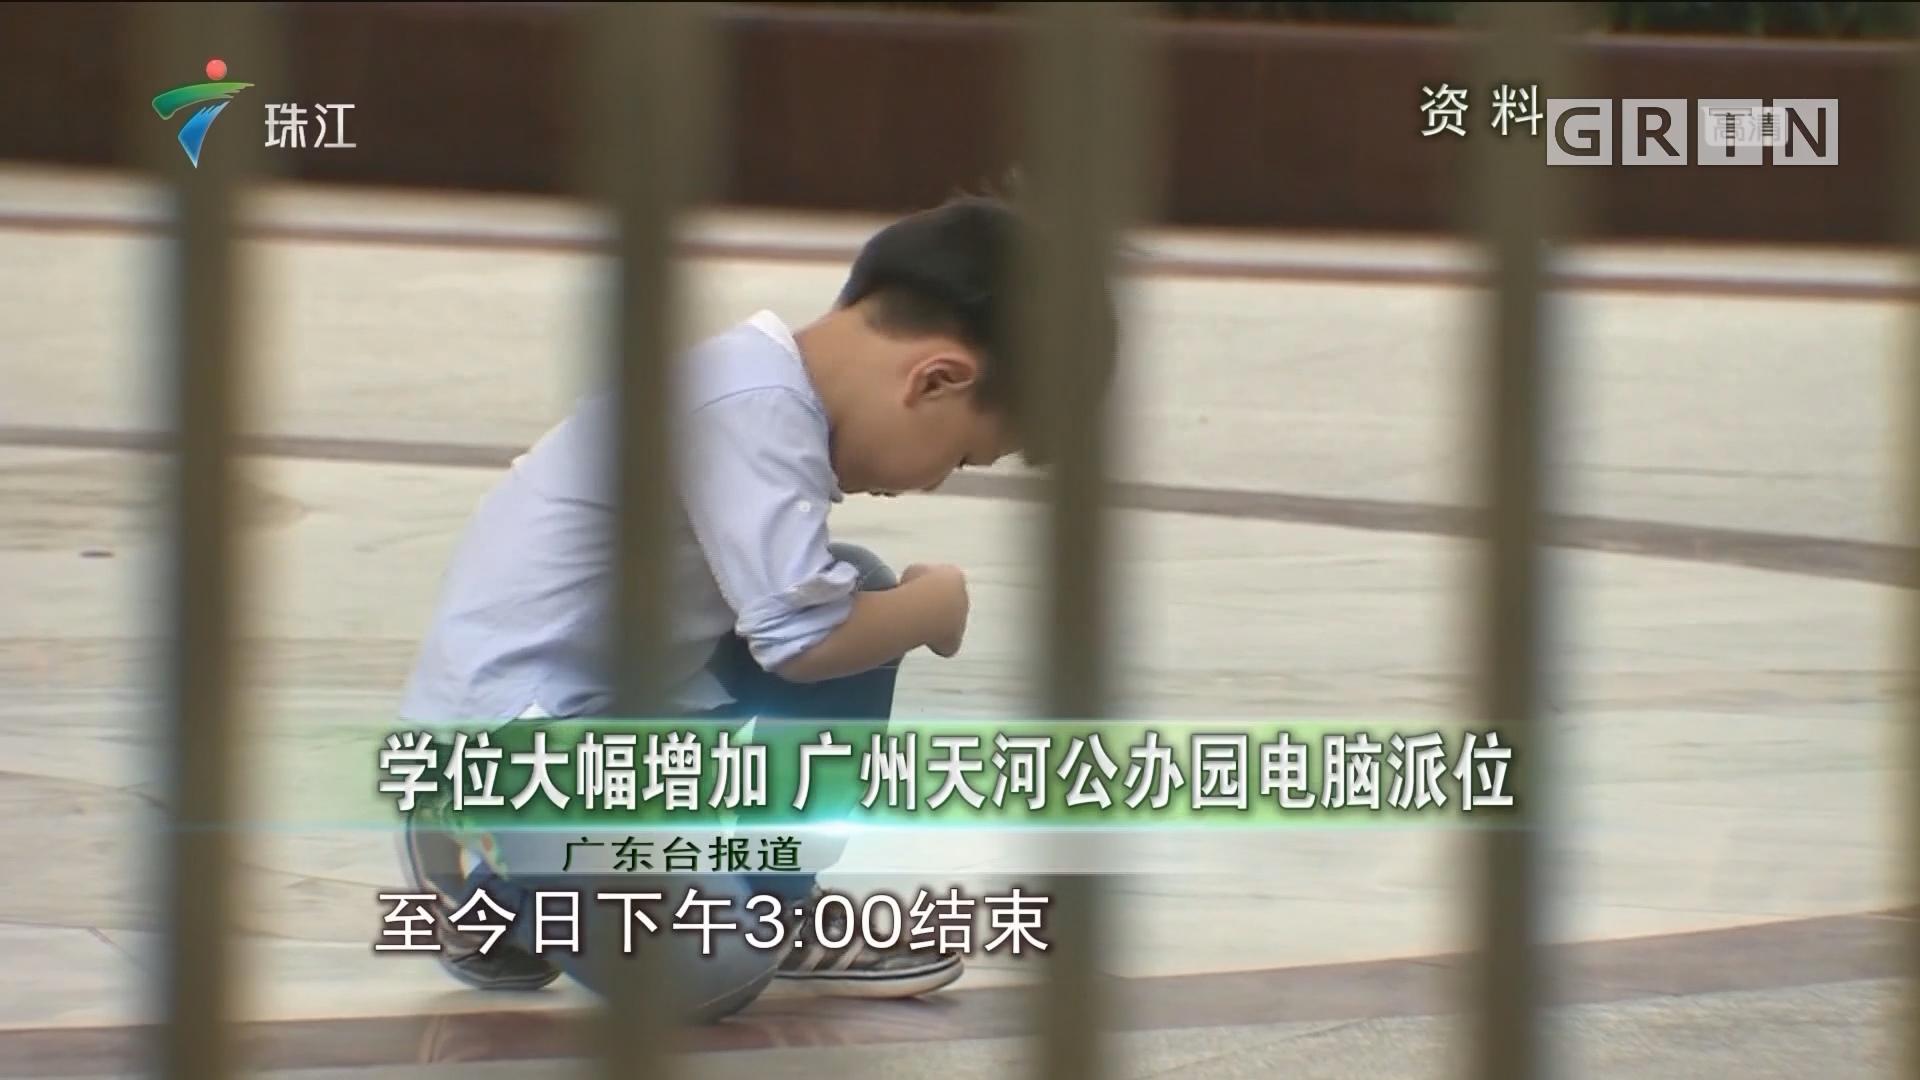 学位大幅增加 广州天河公办园电脑派位